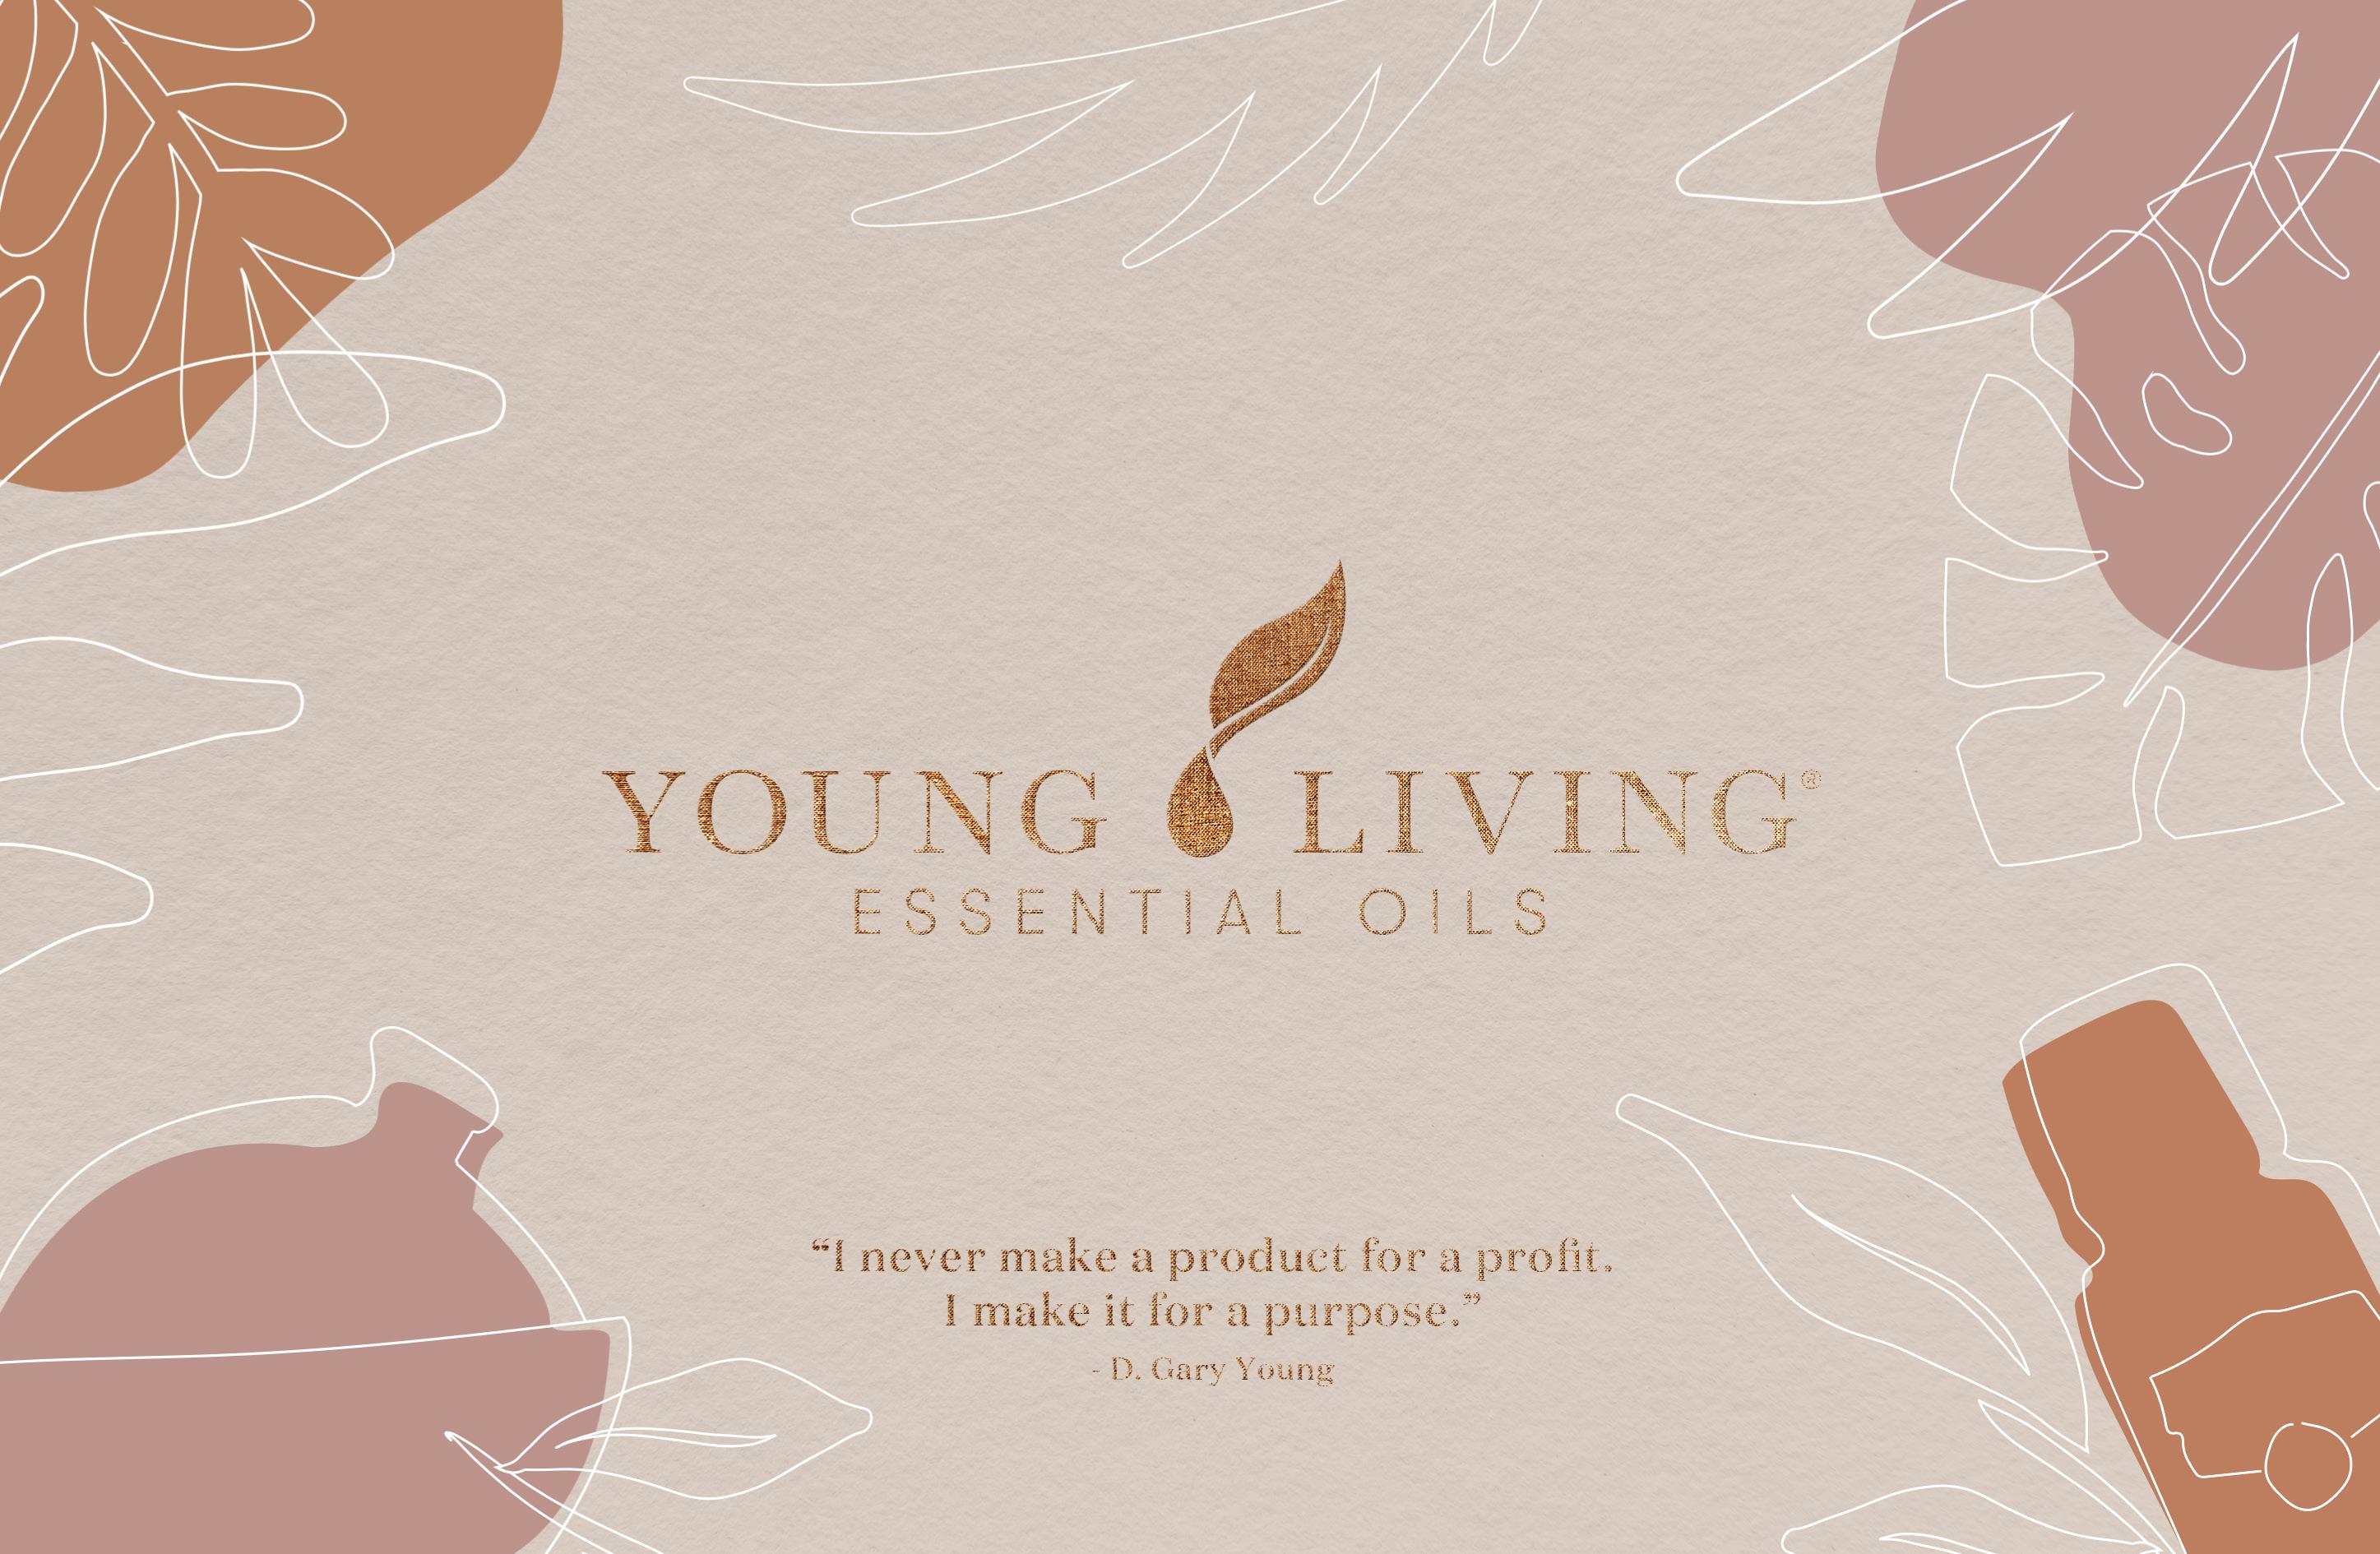 亞太區高級入門套裝平面設計比賽得獎名單公佈 | 天然精油與芳香療法 | Young Living Essential Oils